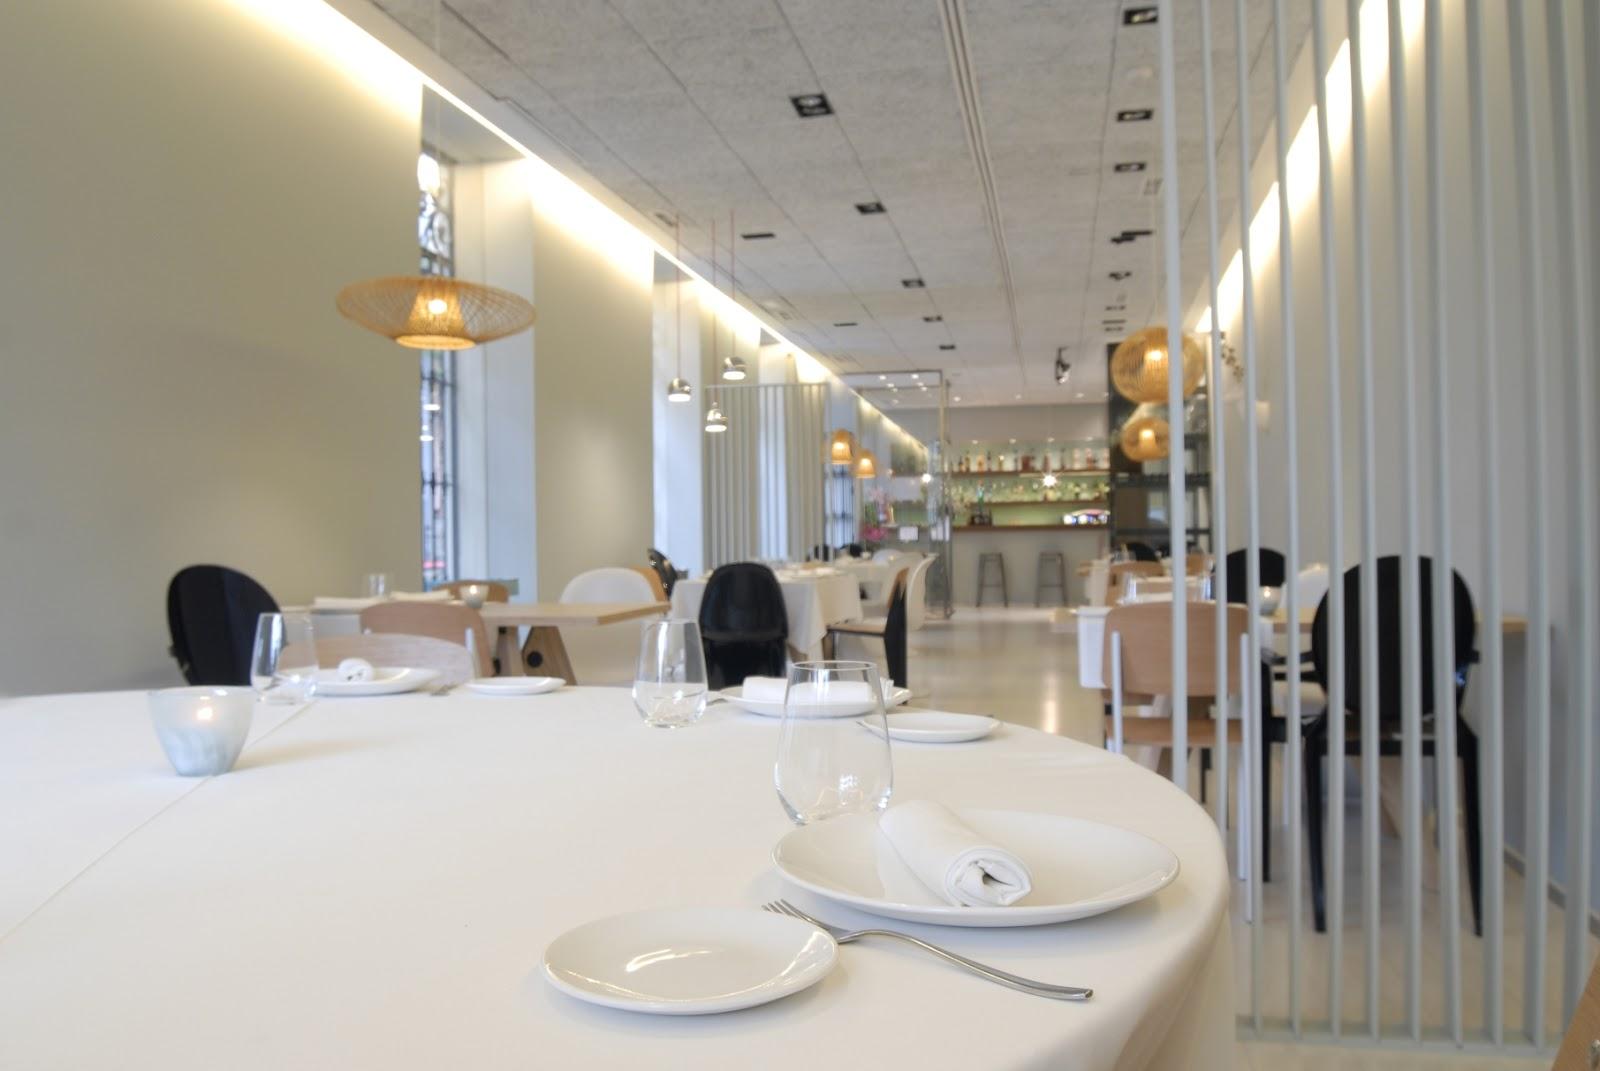 Asociaci n jubileres bancaja comida en restaurante - Restaurante singapur valencia ...